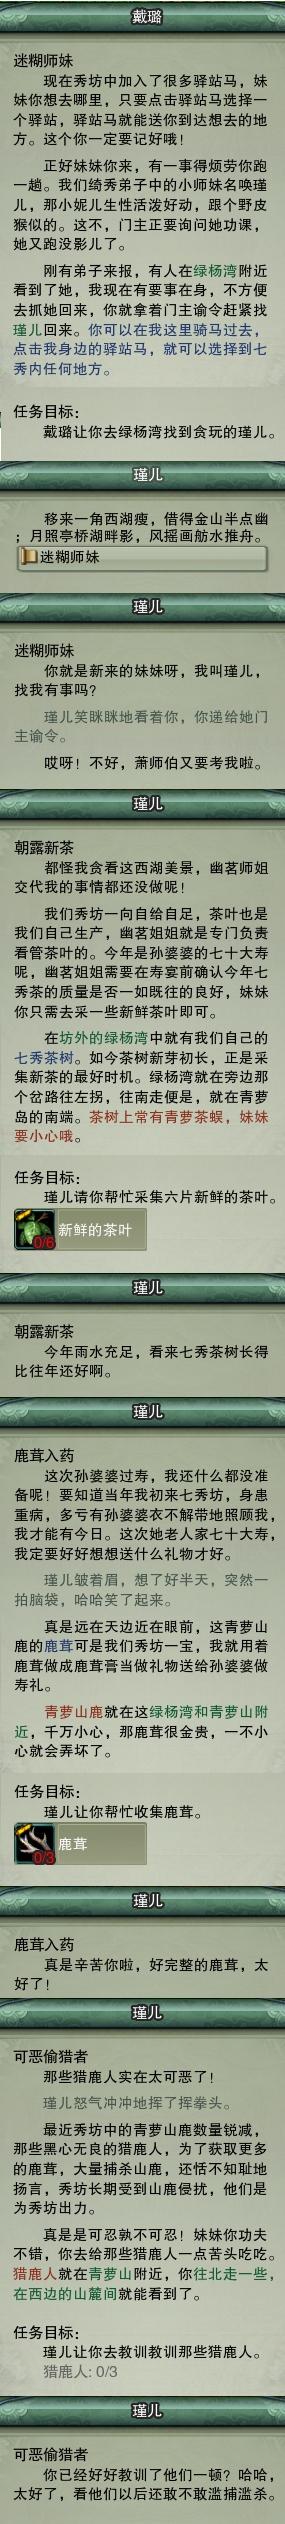 主线任务03 - 绿杨湾.jpg